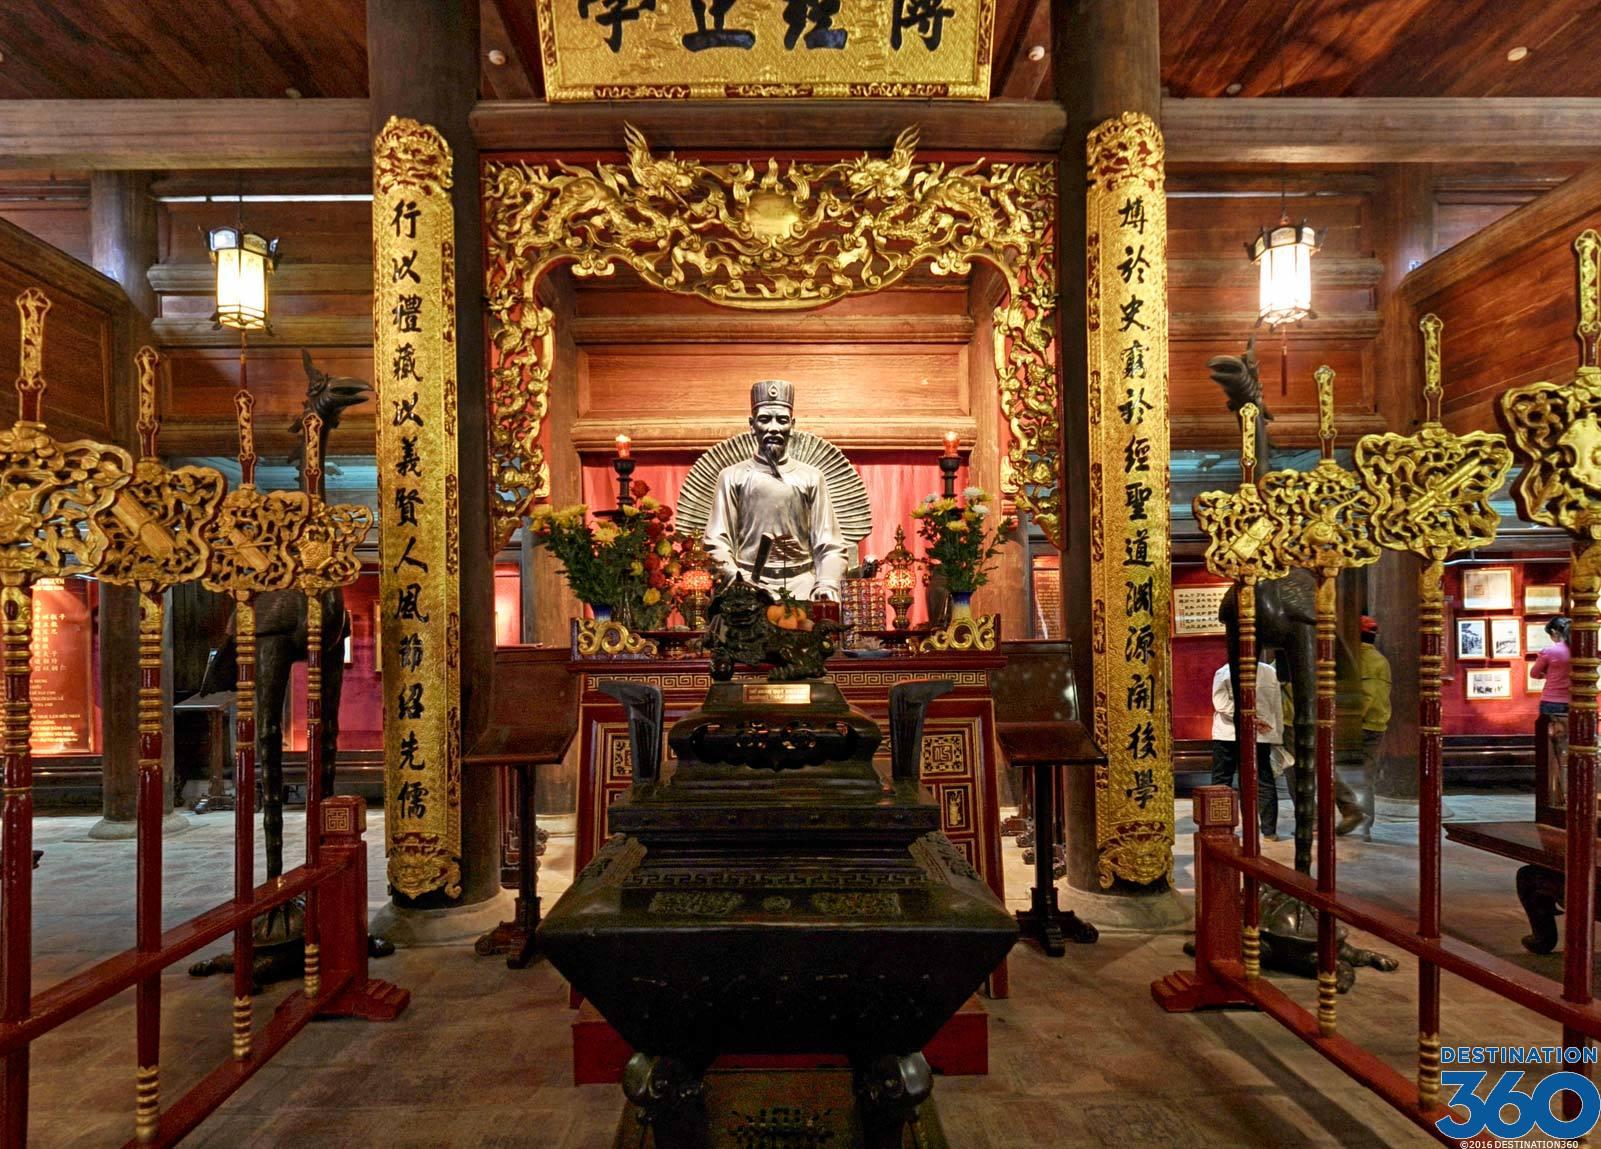 Vietnam Temples - Temple of Literature - Temples in Hanoi